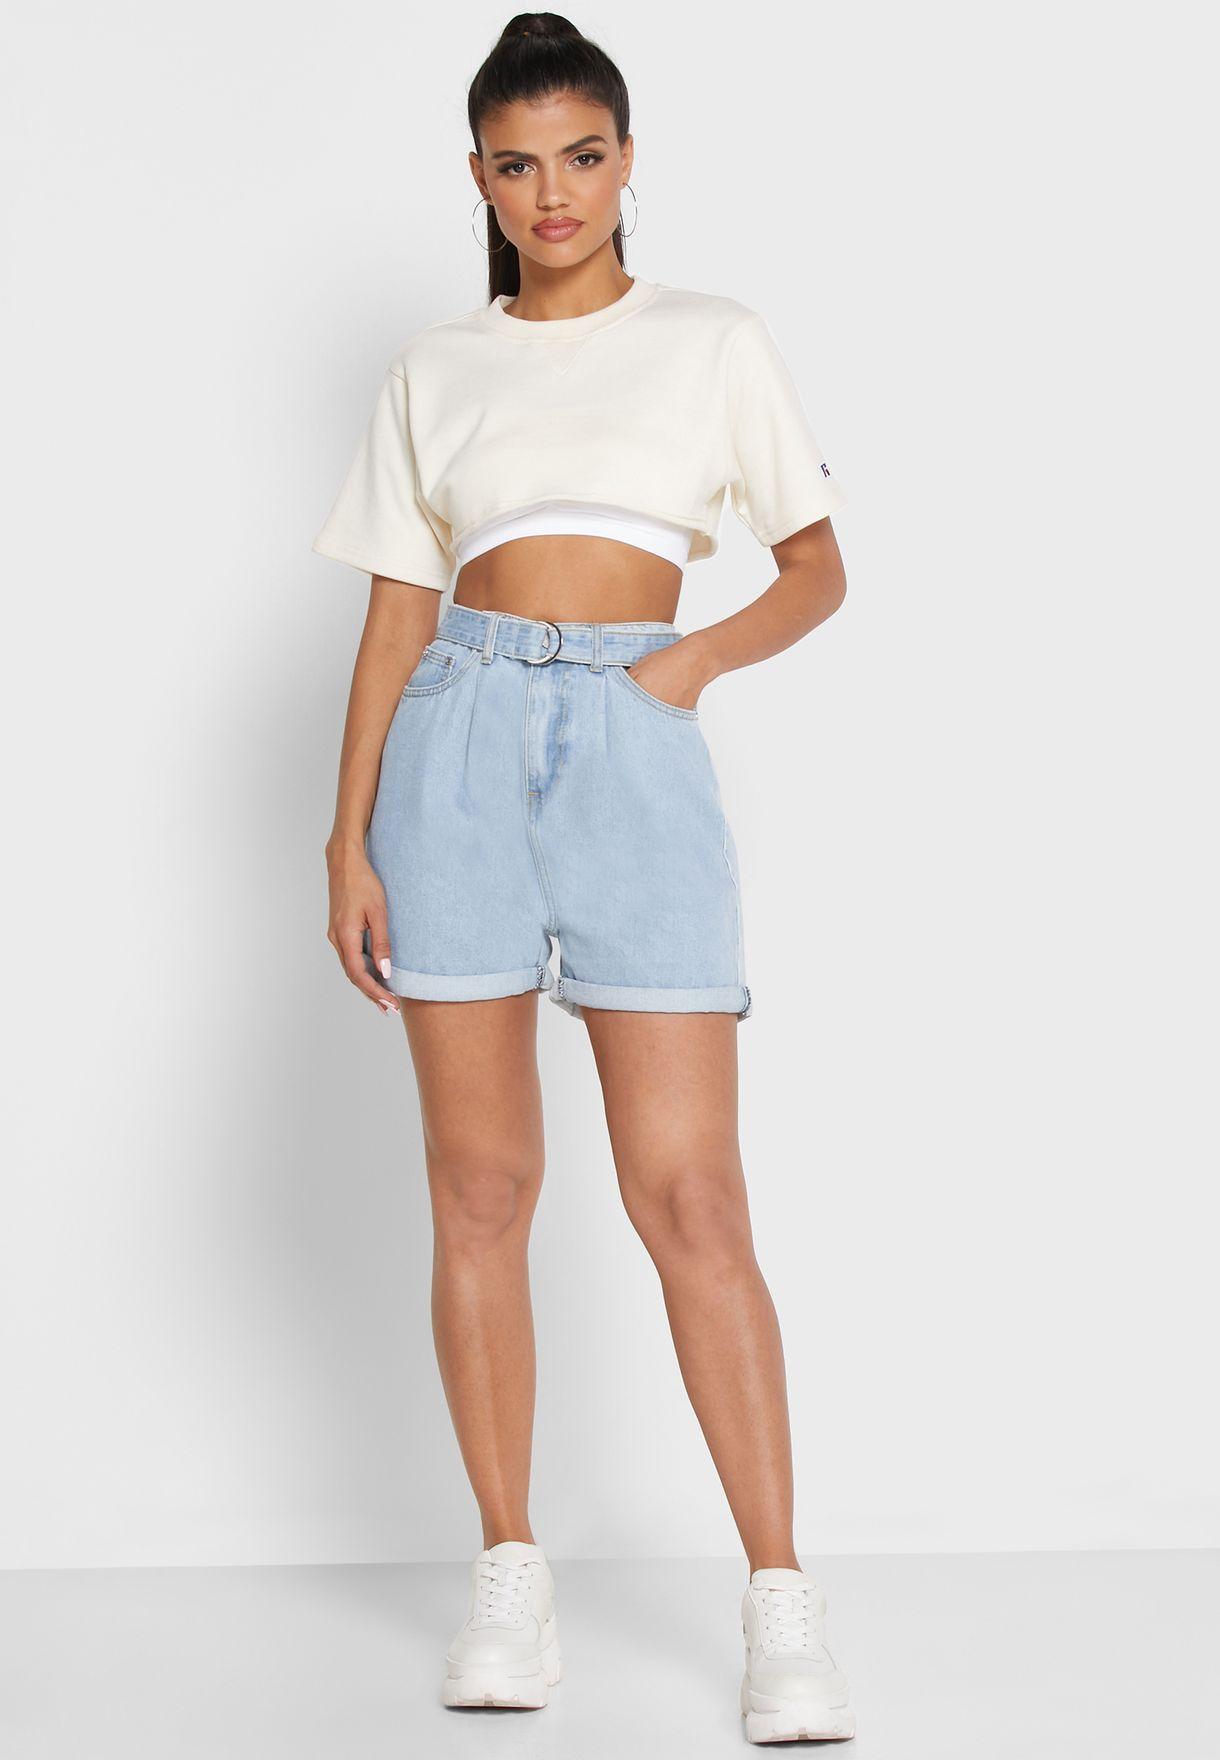 Riot High Waist Shorts